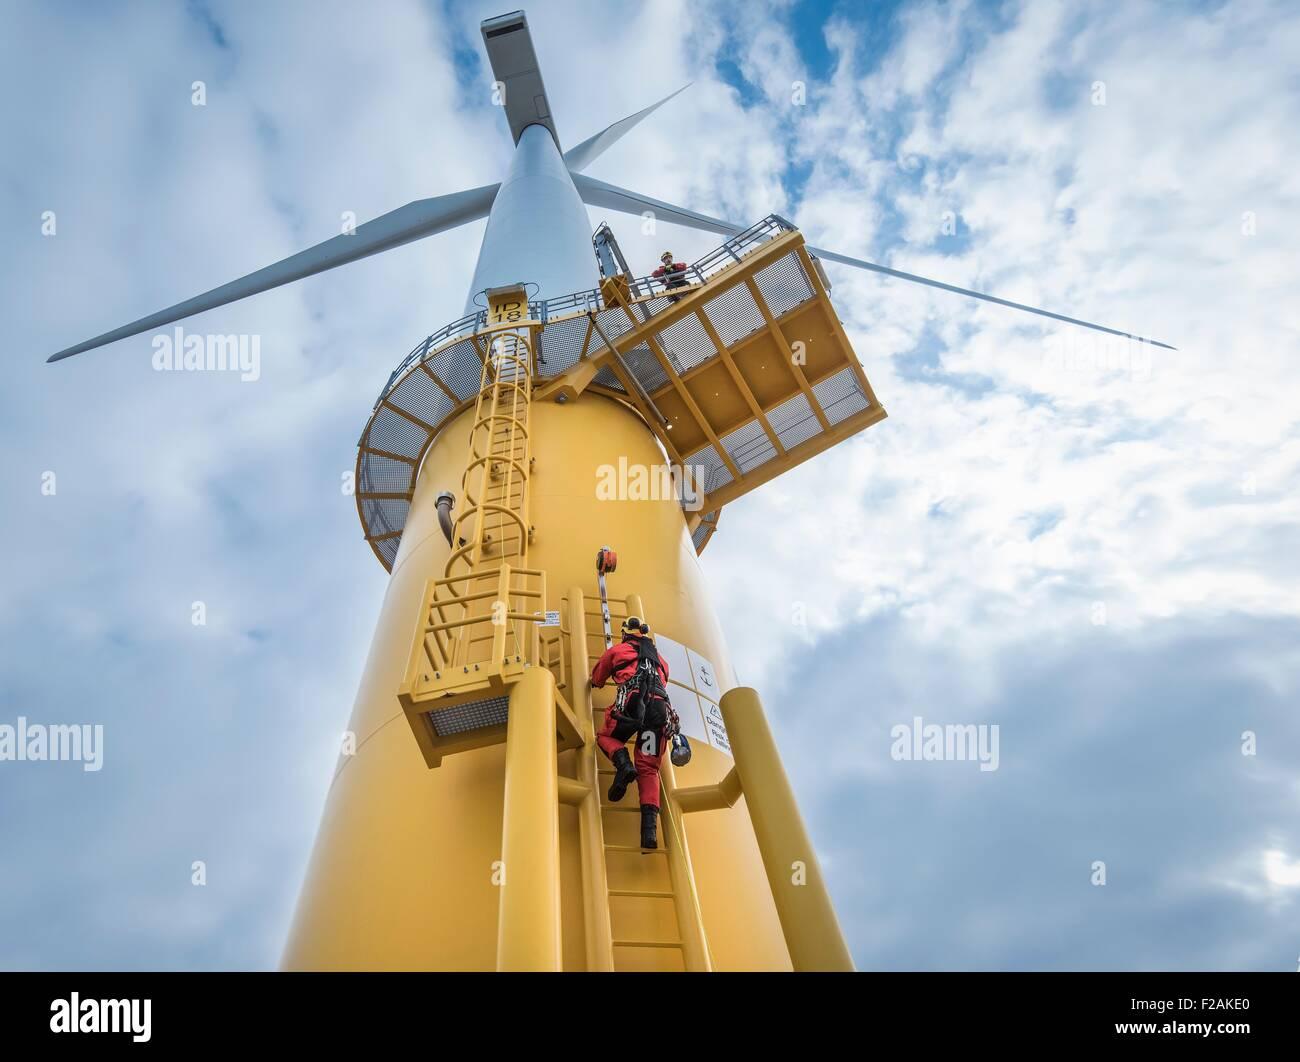 L'escalade des ingénieurs de l'éolienne parc éolien offshore au bateau, low angle view Photo Stock